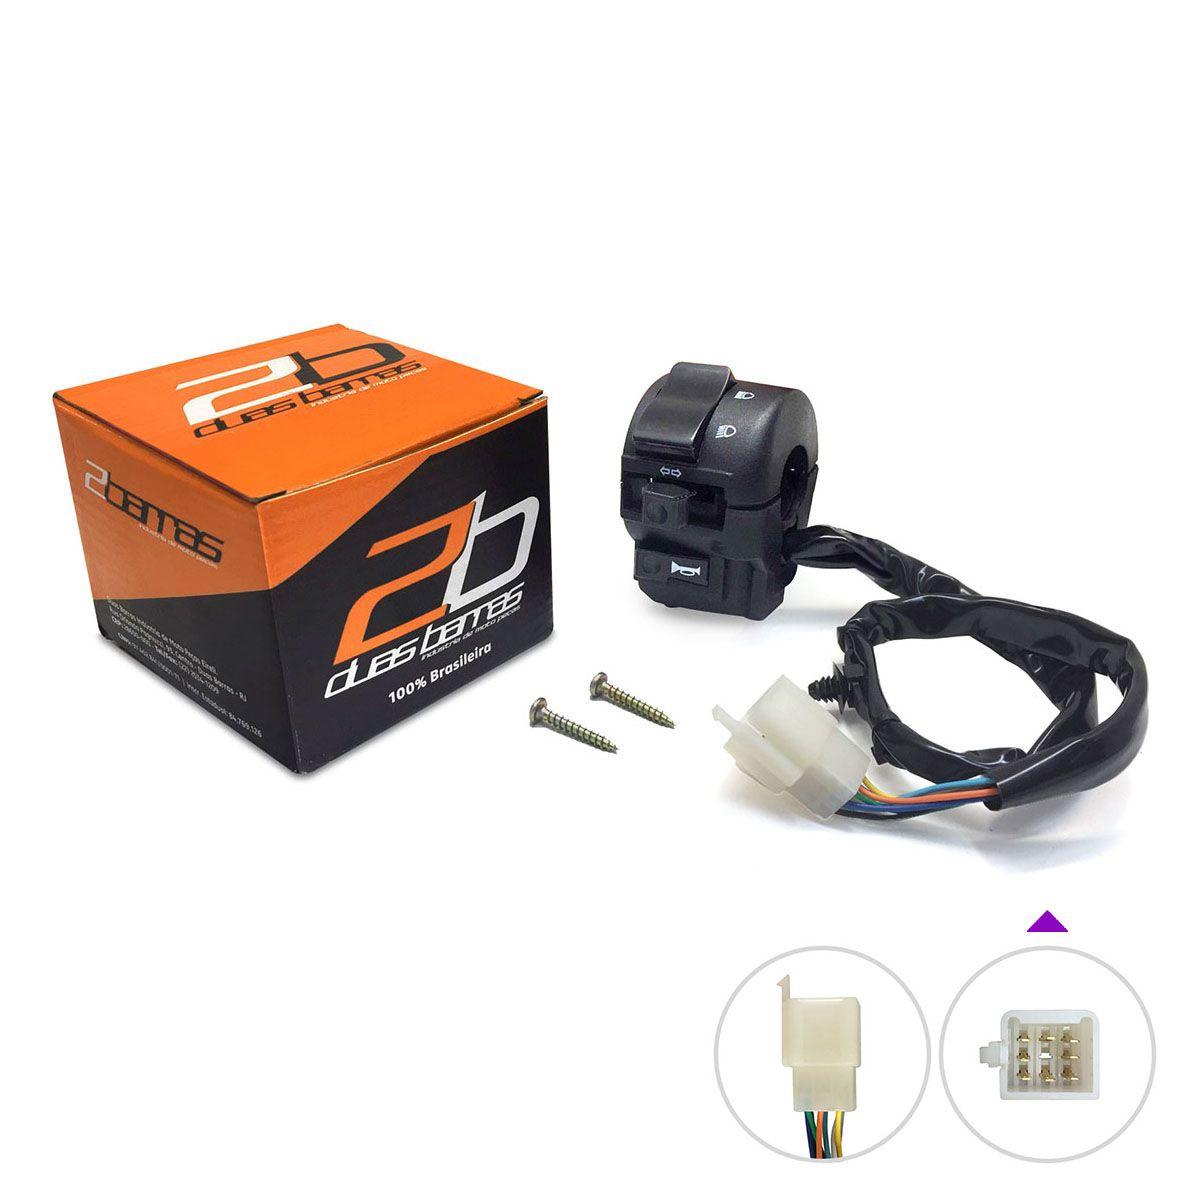 Chave de Luz Interruptor de Farol e Pisca Honga CG 150 Titan Esd/Ex/Ks/Es/Esd/Ex 2009 à 2013 - Duas Barras